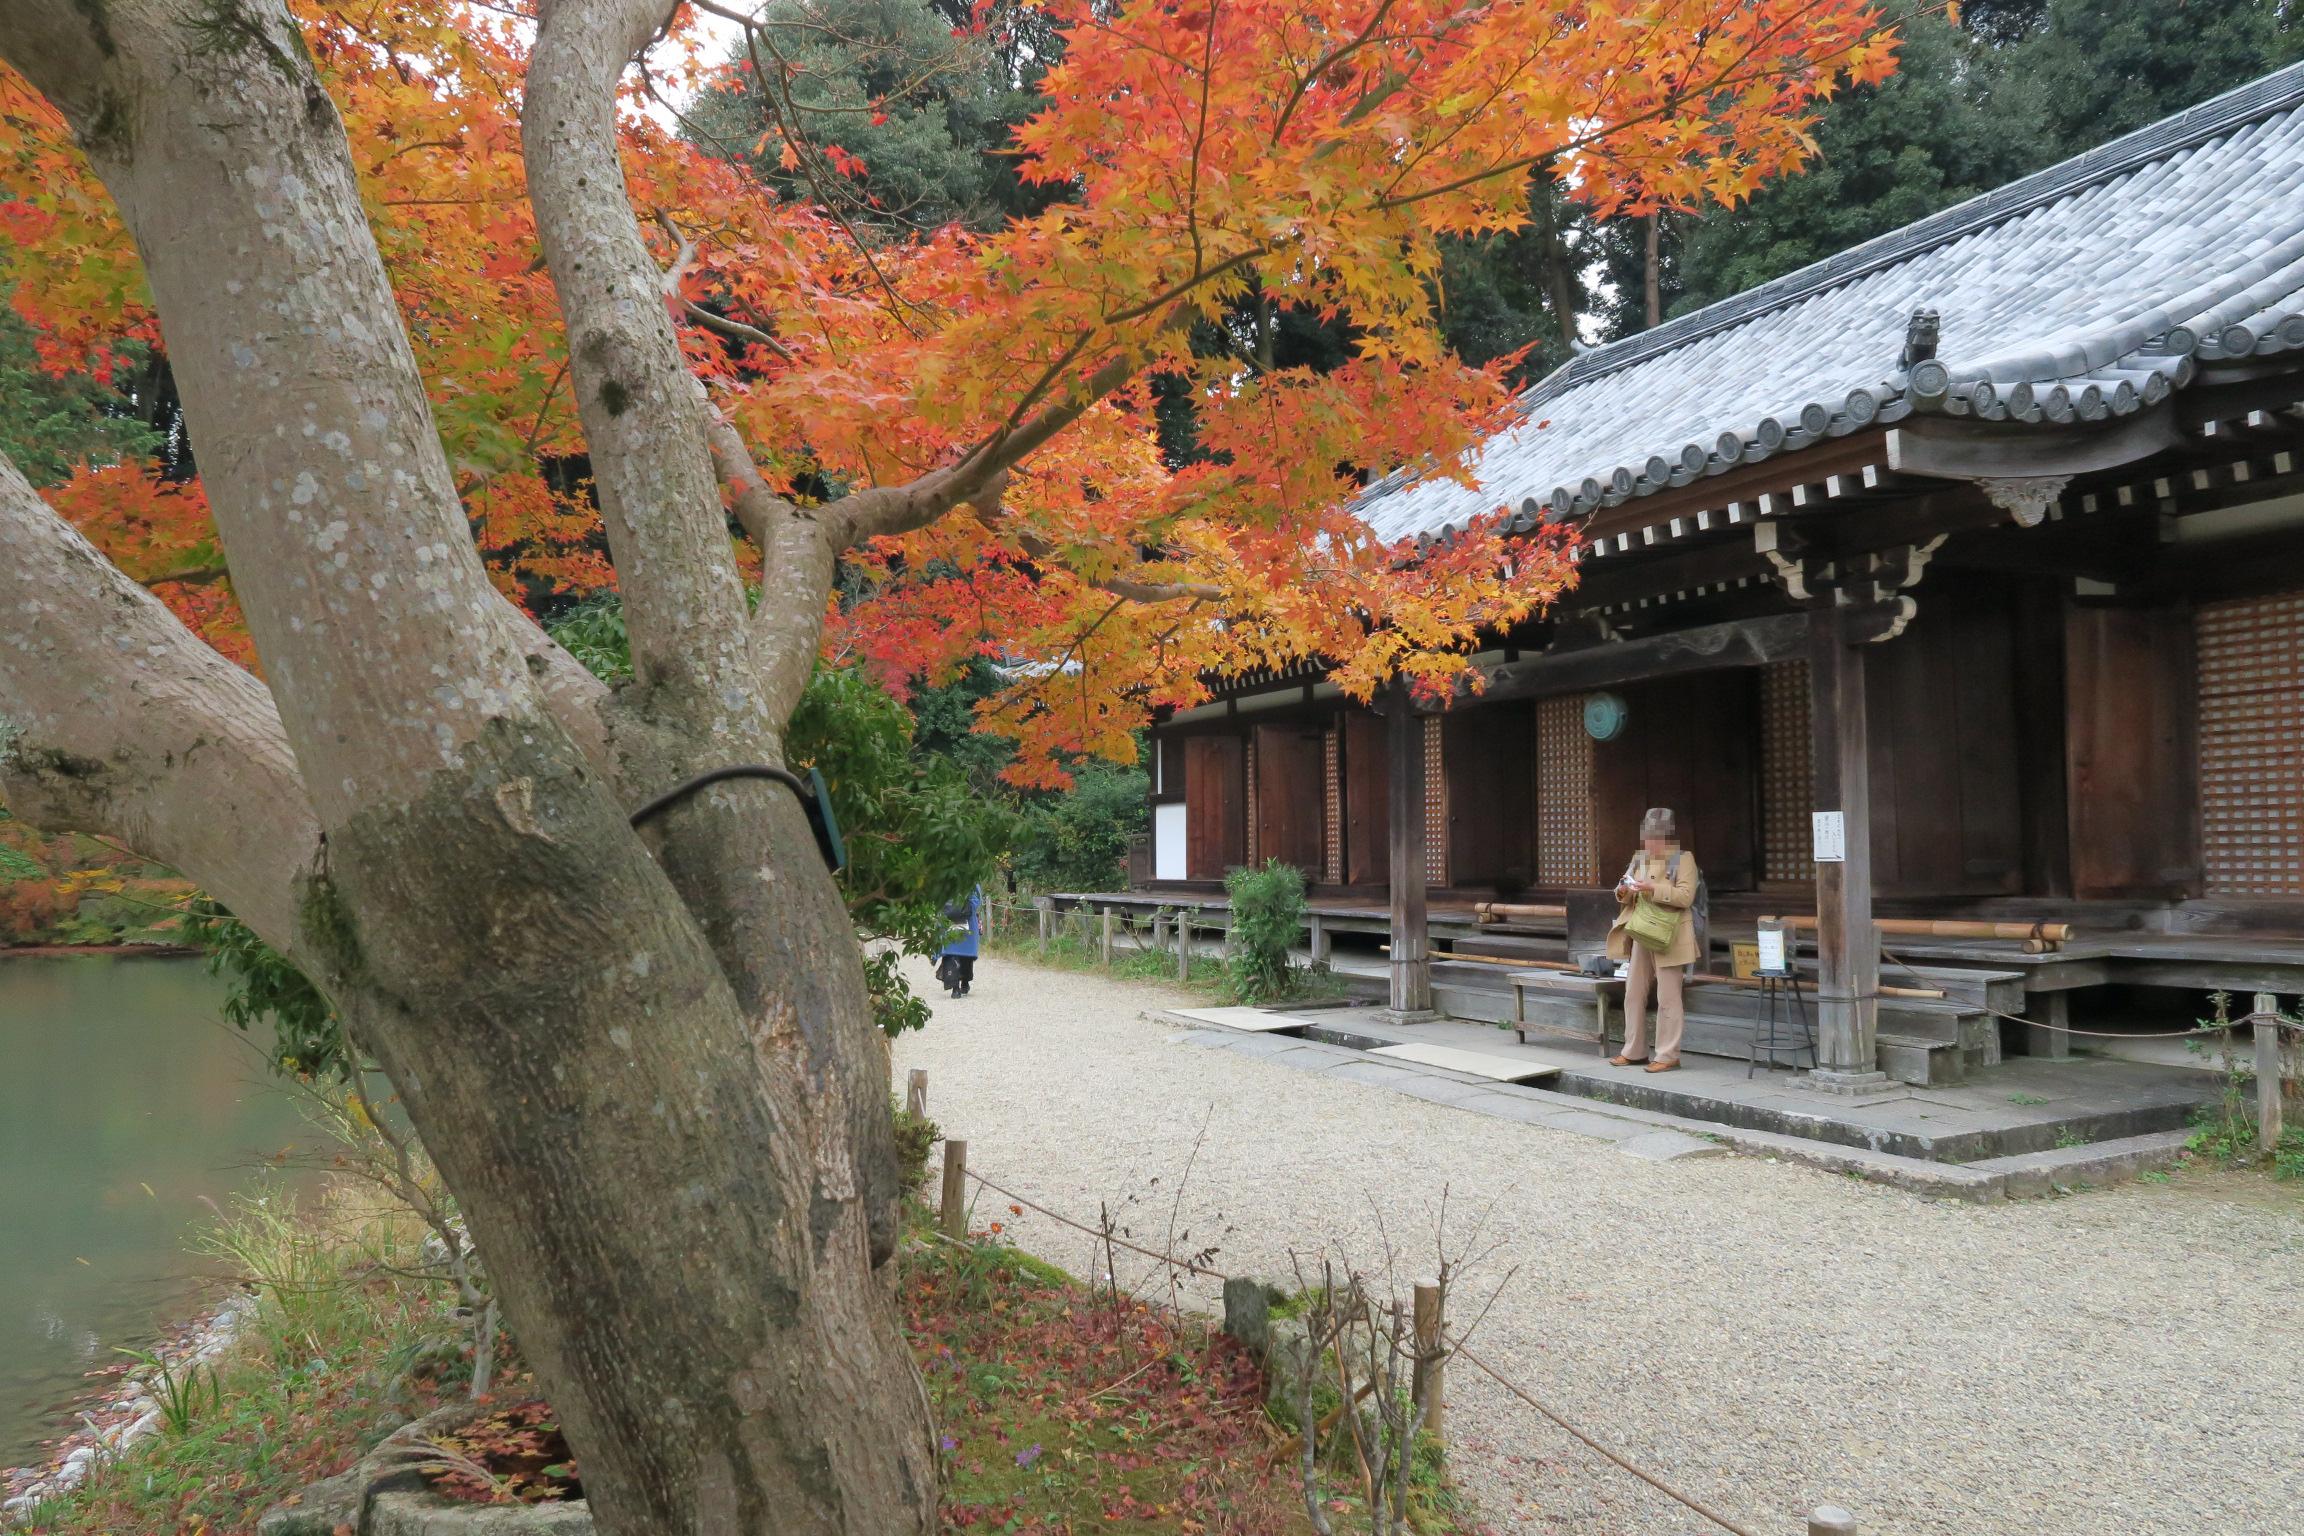 本堂。9体の阿弥陀如来像を安置していることから九体寺(くたいじ)とも。紅葉もきれいでした!